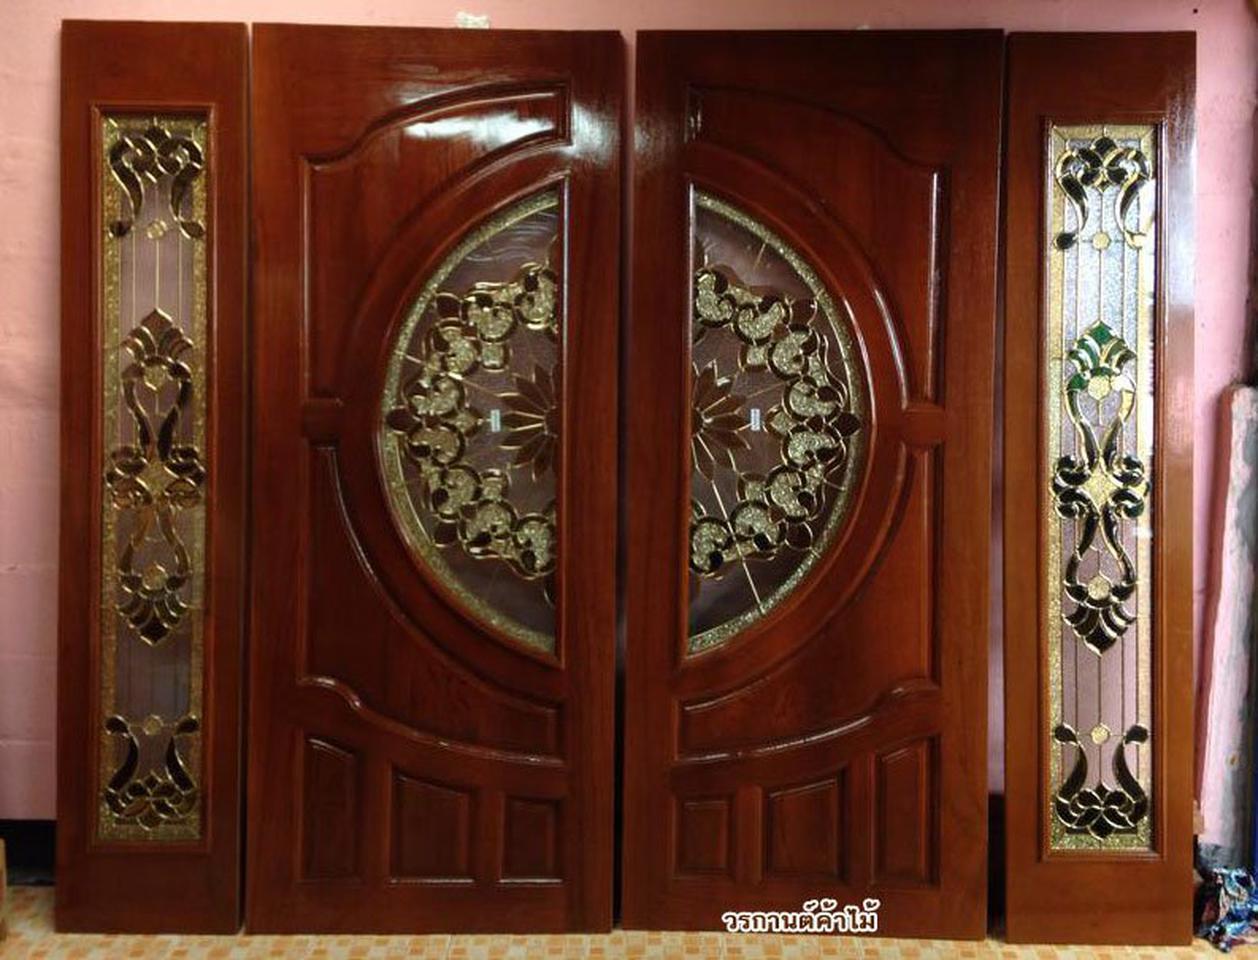 ร้านวรกานต์ค้าไม้ จำหน่าย ประตูไม้สัก กระจกนิรภัย,ประตูบานเลื่อนไม้สัก รูปที่ 3